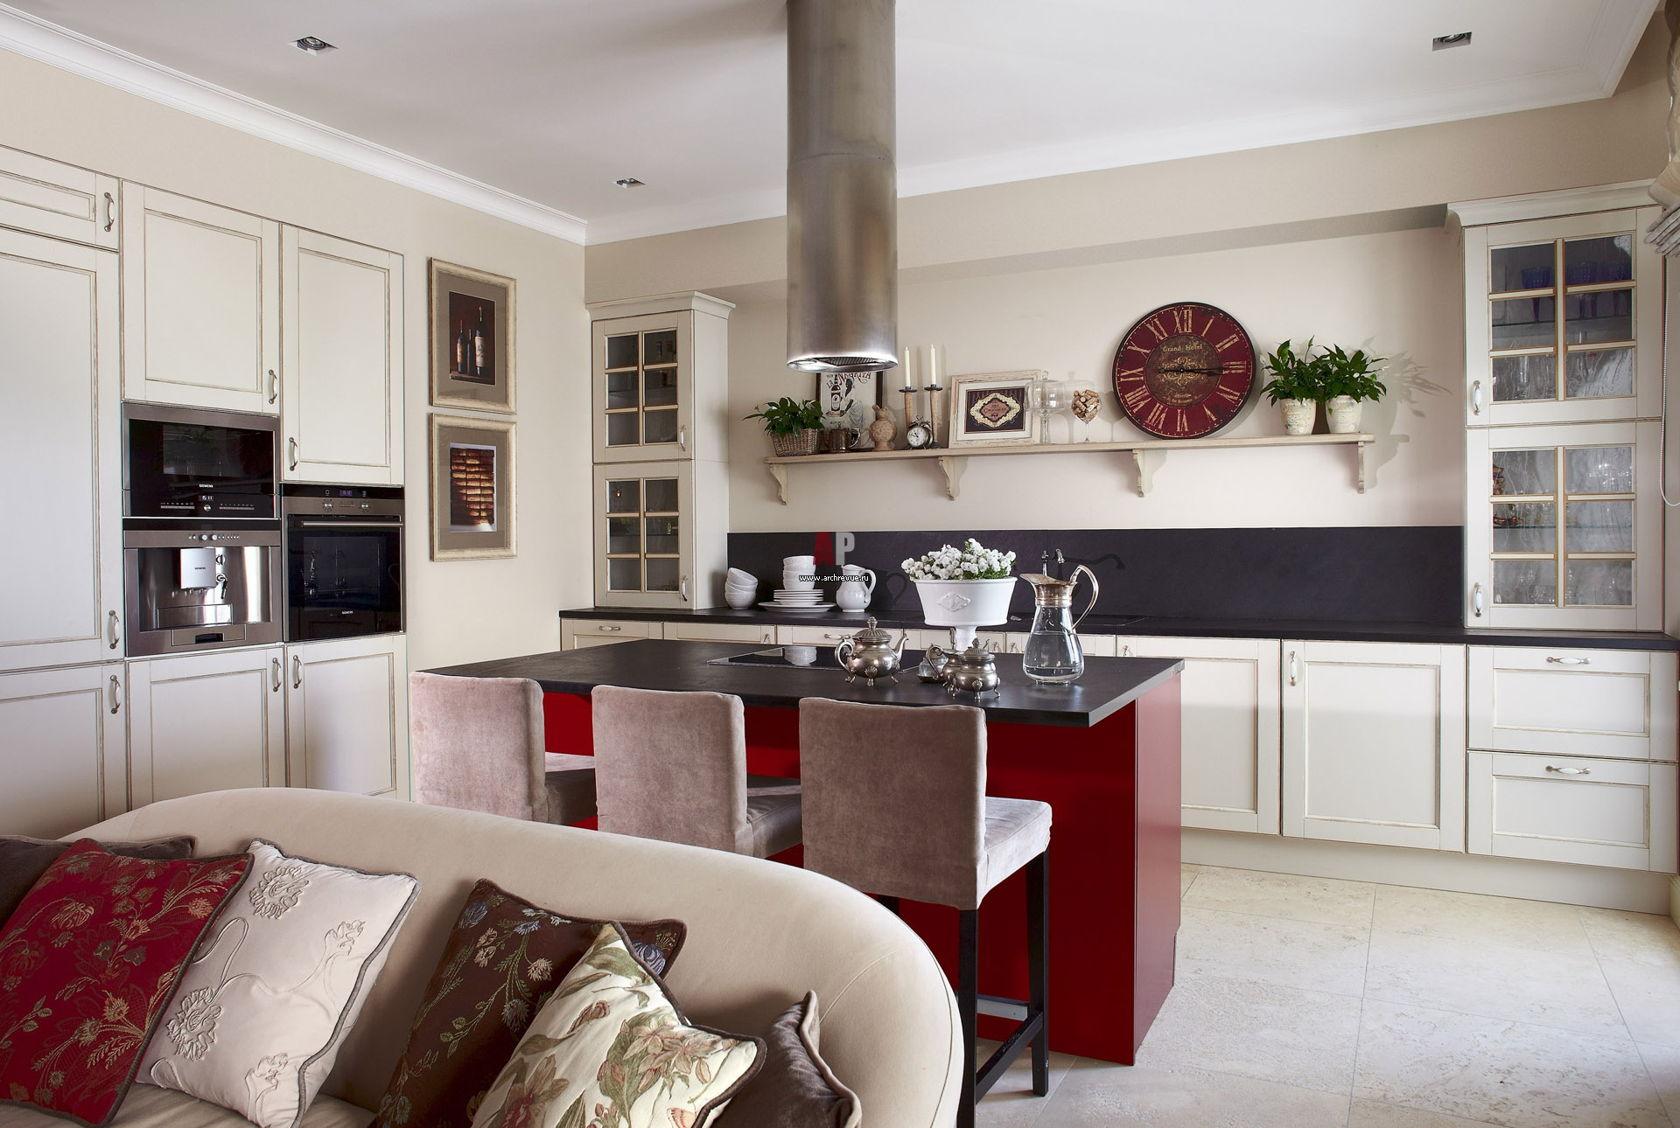 кухня без верхних шкафов дизайн интерьера